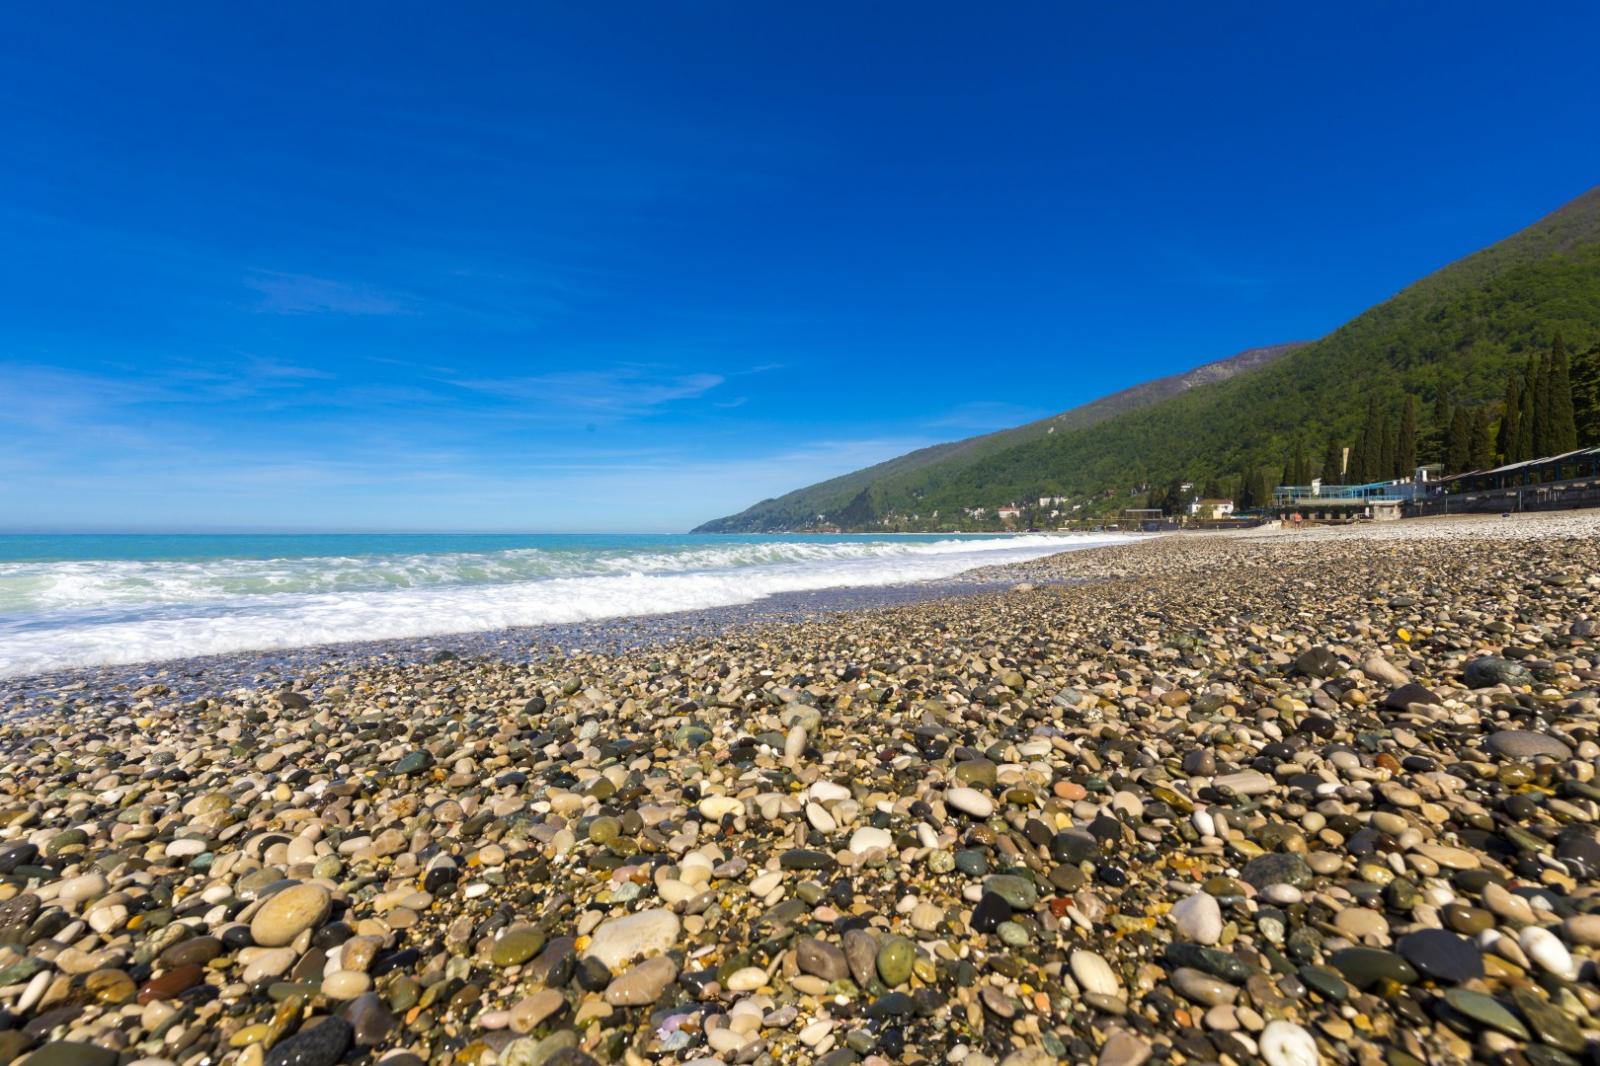 Пляж в абхазии картинки